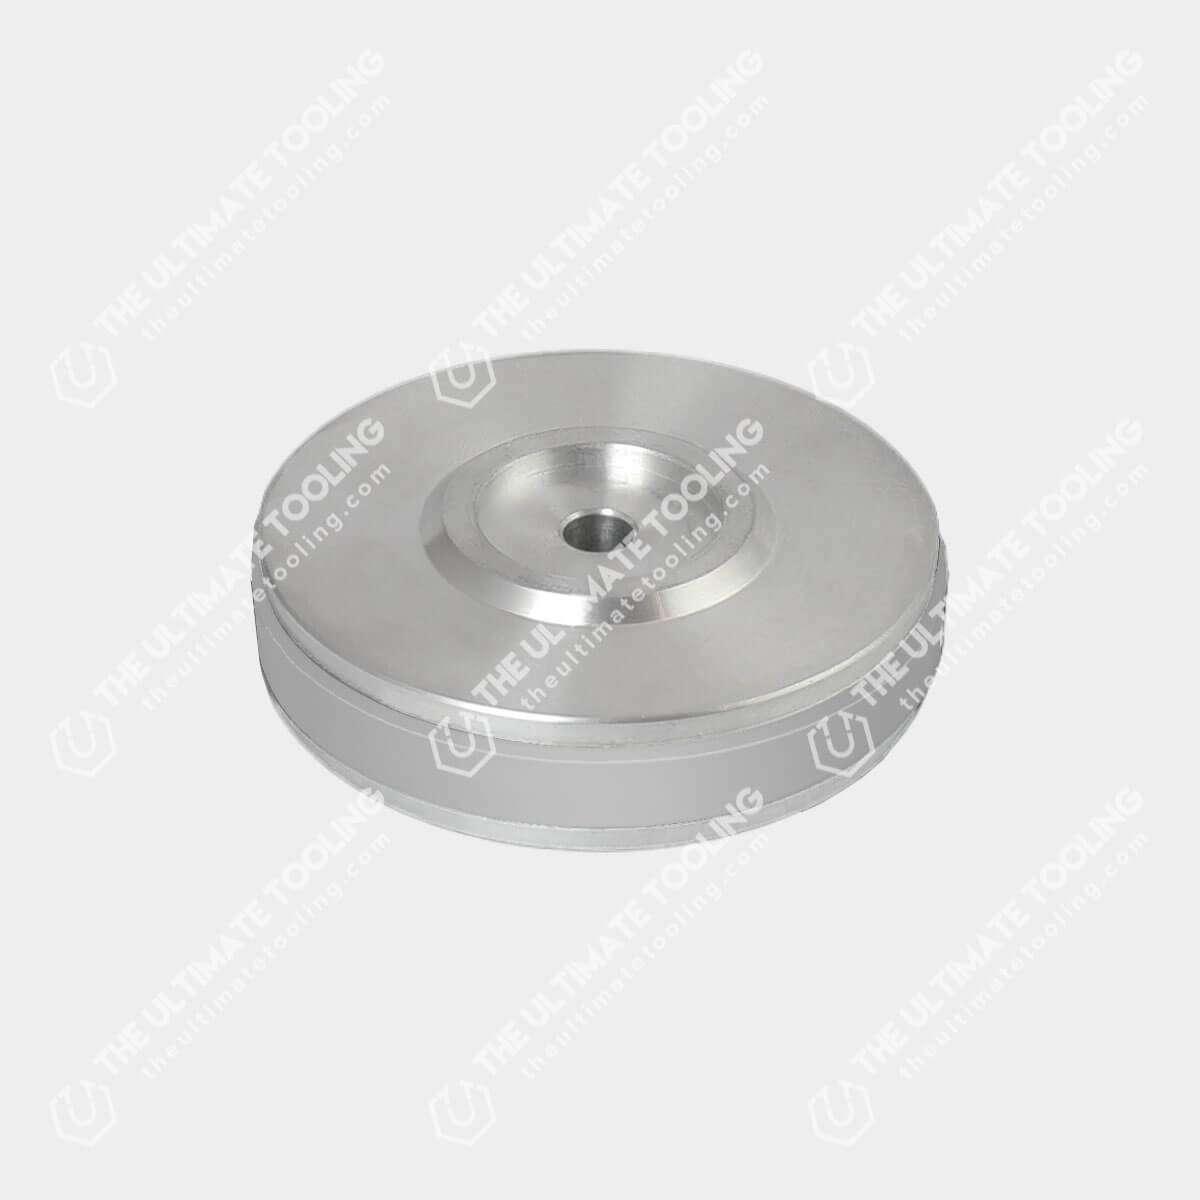 Valve dragging wheel for PEG RV 3000